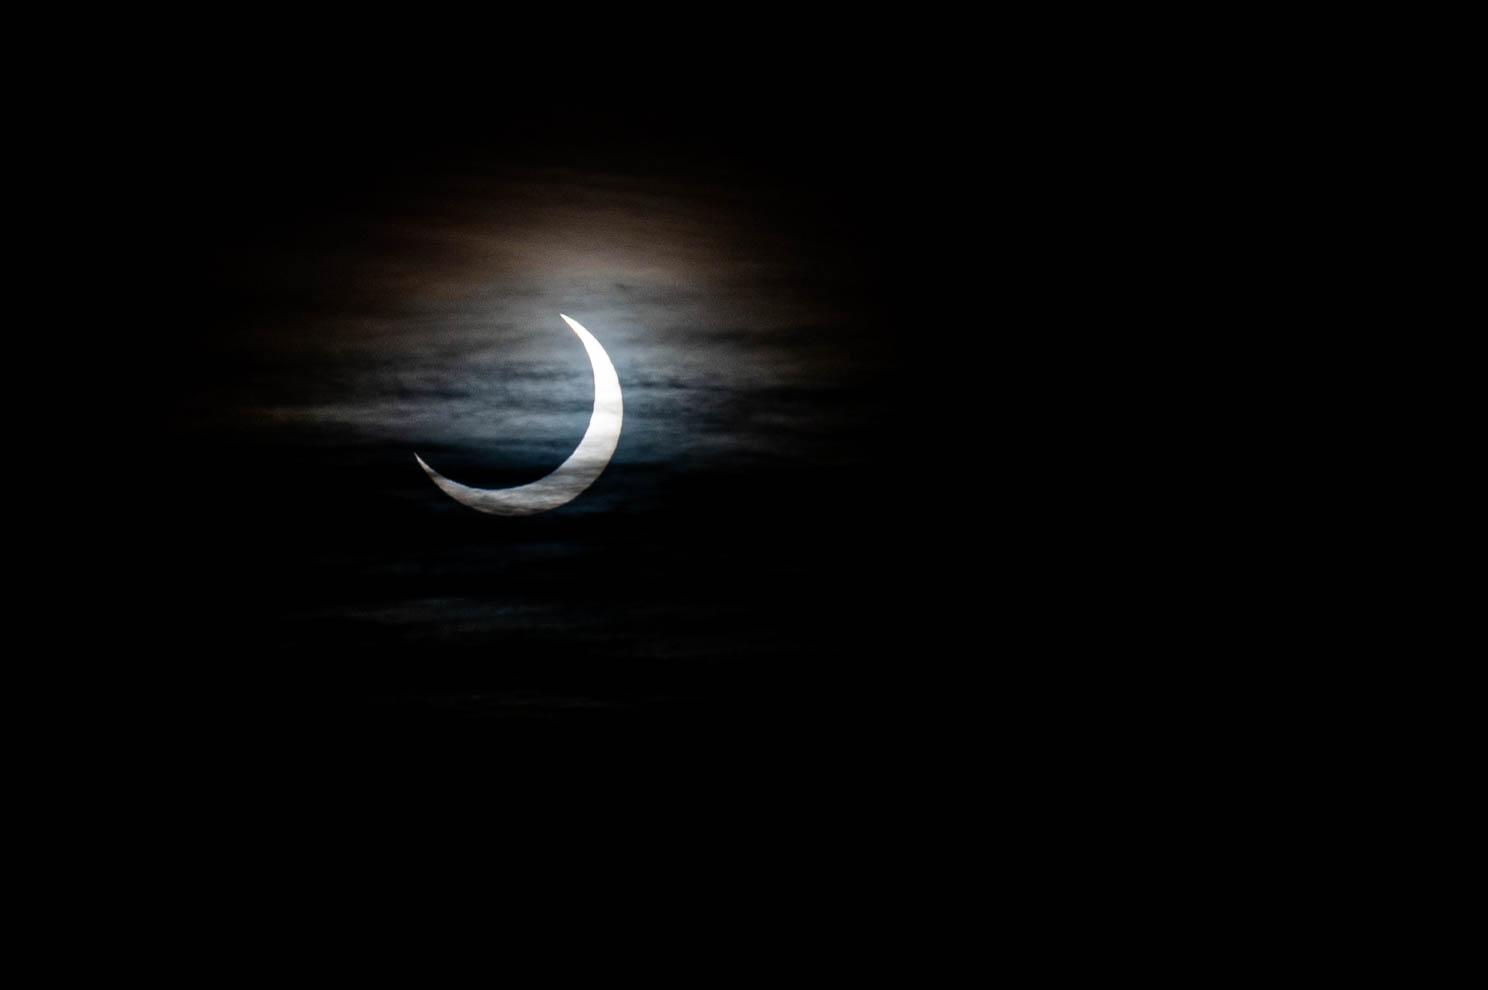 L'éclipse solaire en images